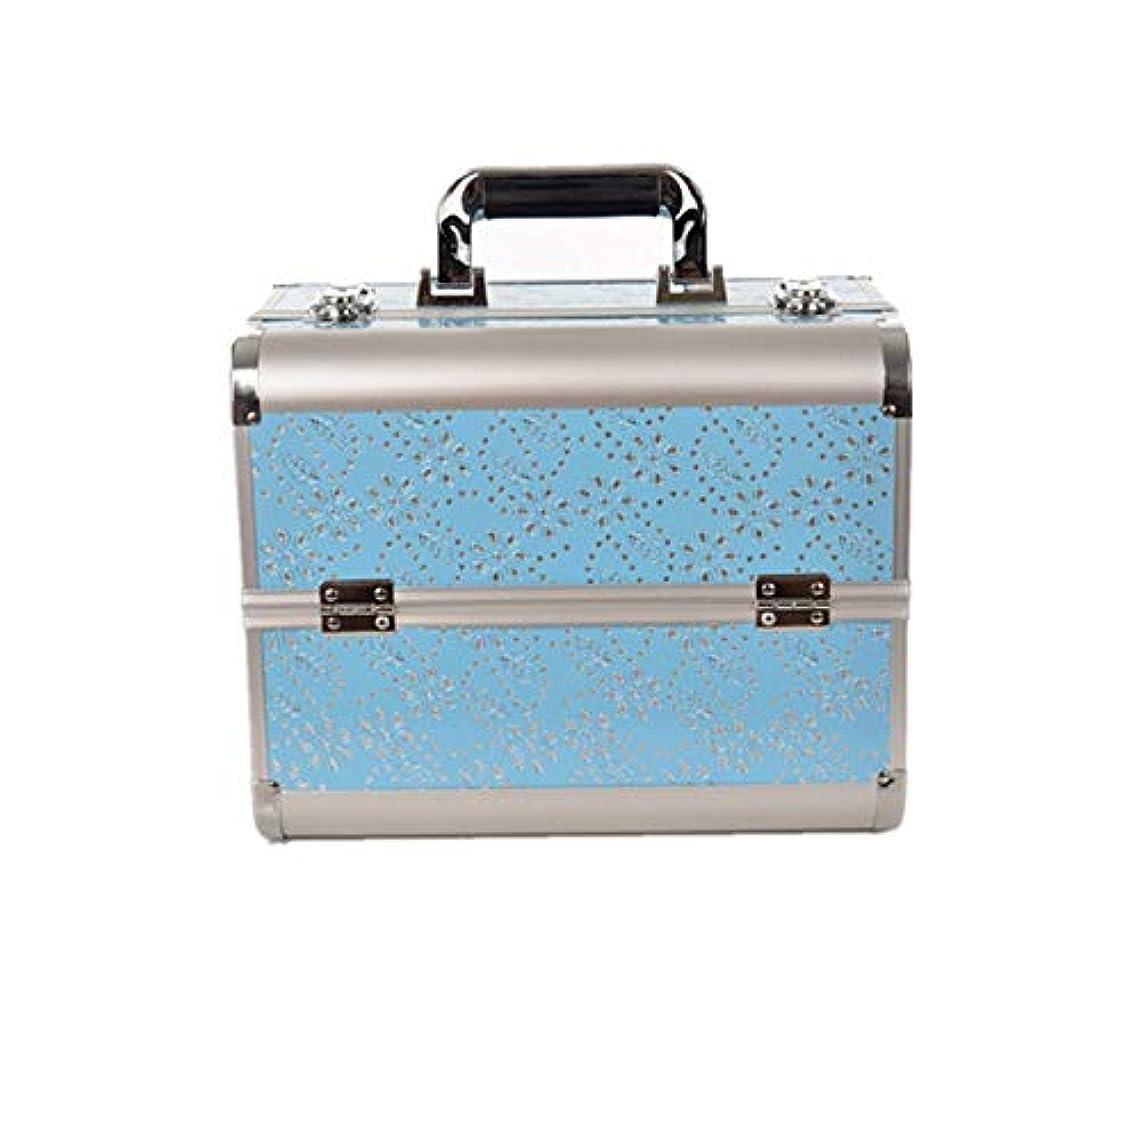 熱望するシンプトンランプ化粧オーガナイザーバッグ 大容量ポータブル化粧ケース(トラベルアクセサリー用)シャンプーボディウォッシュパーソナルアイテム収納式 化粧品ケース